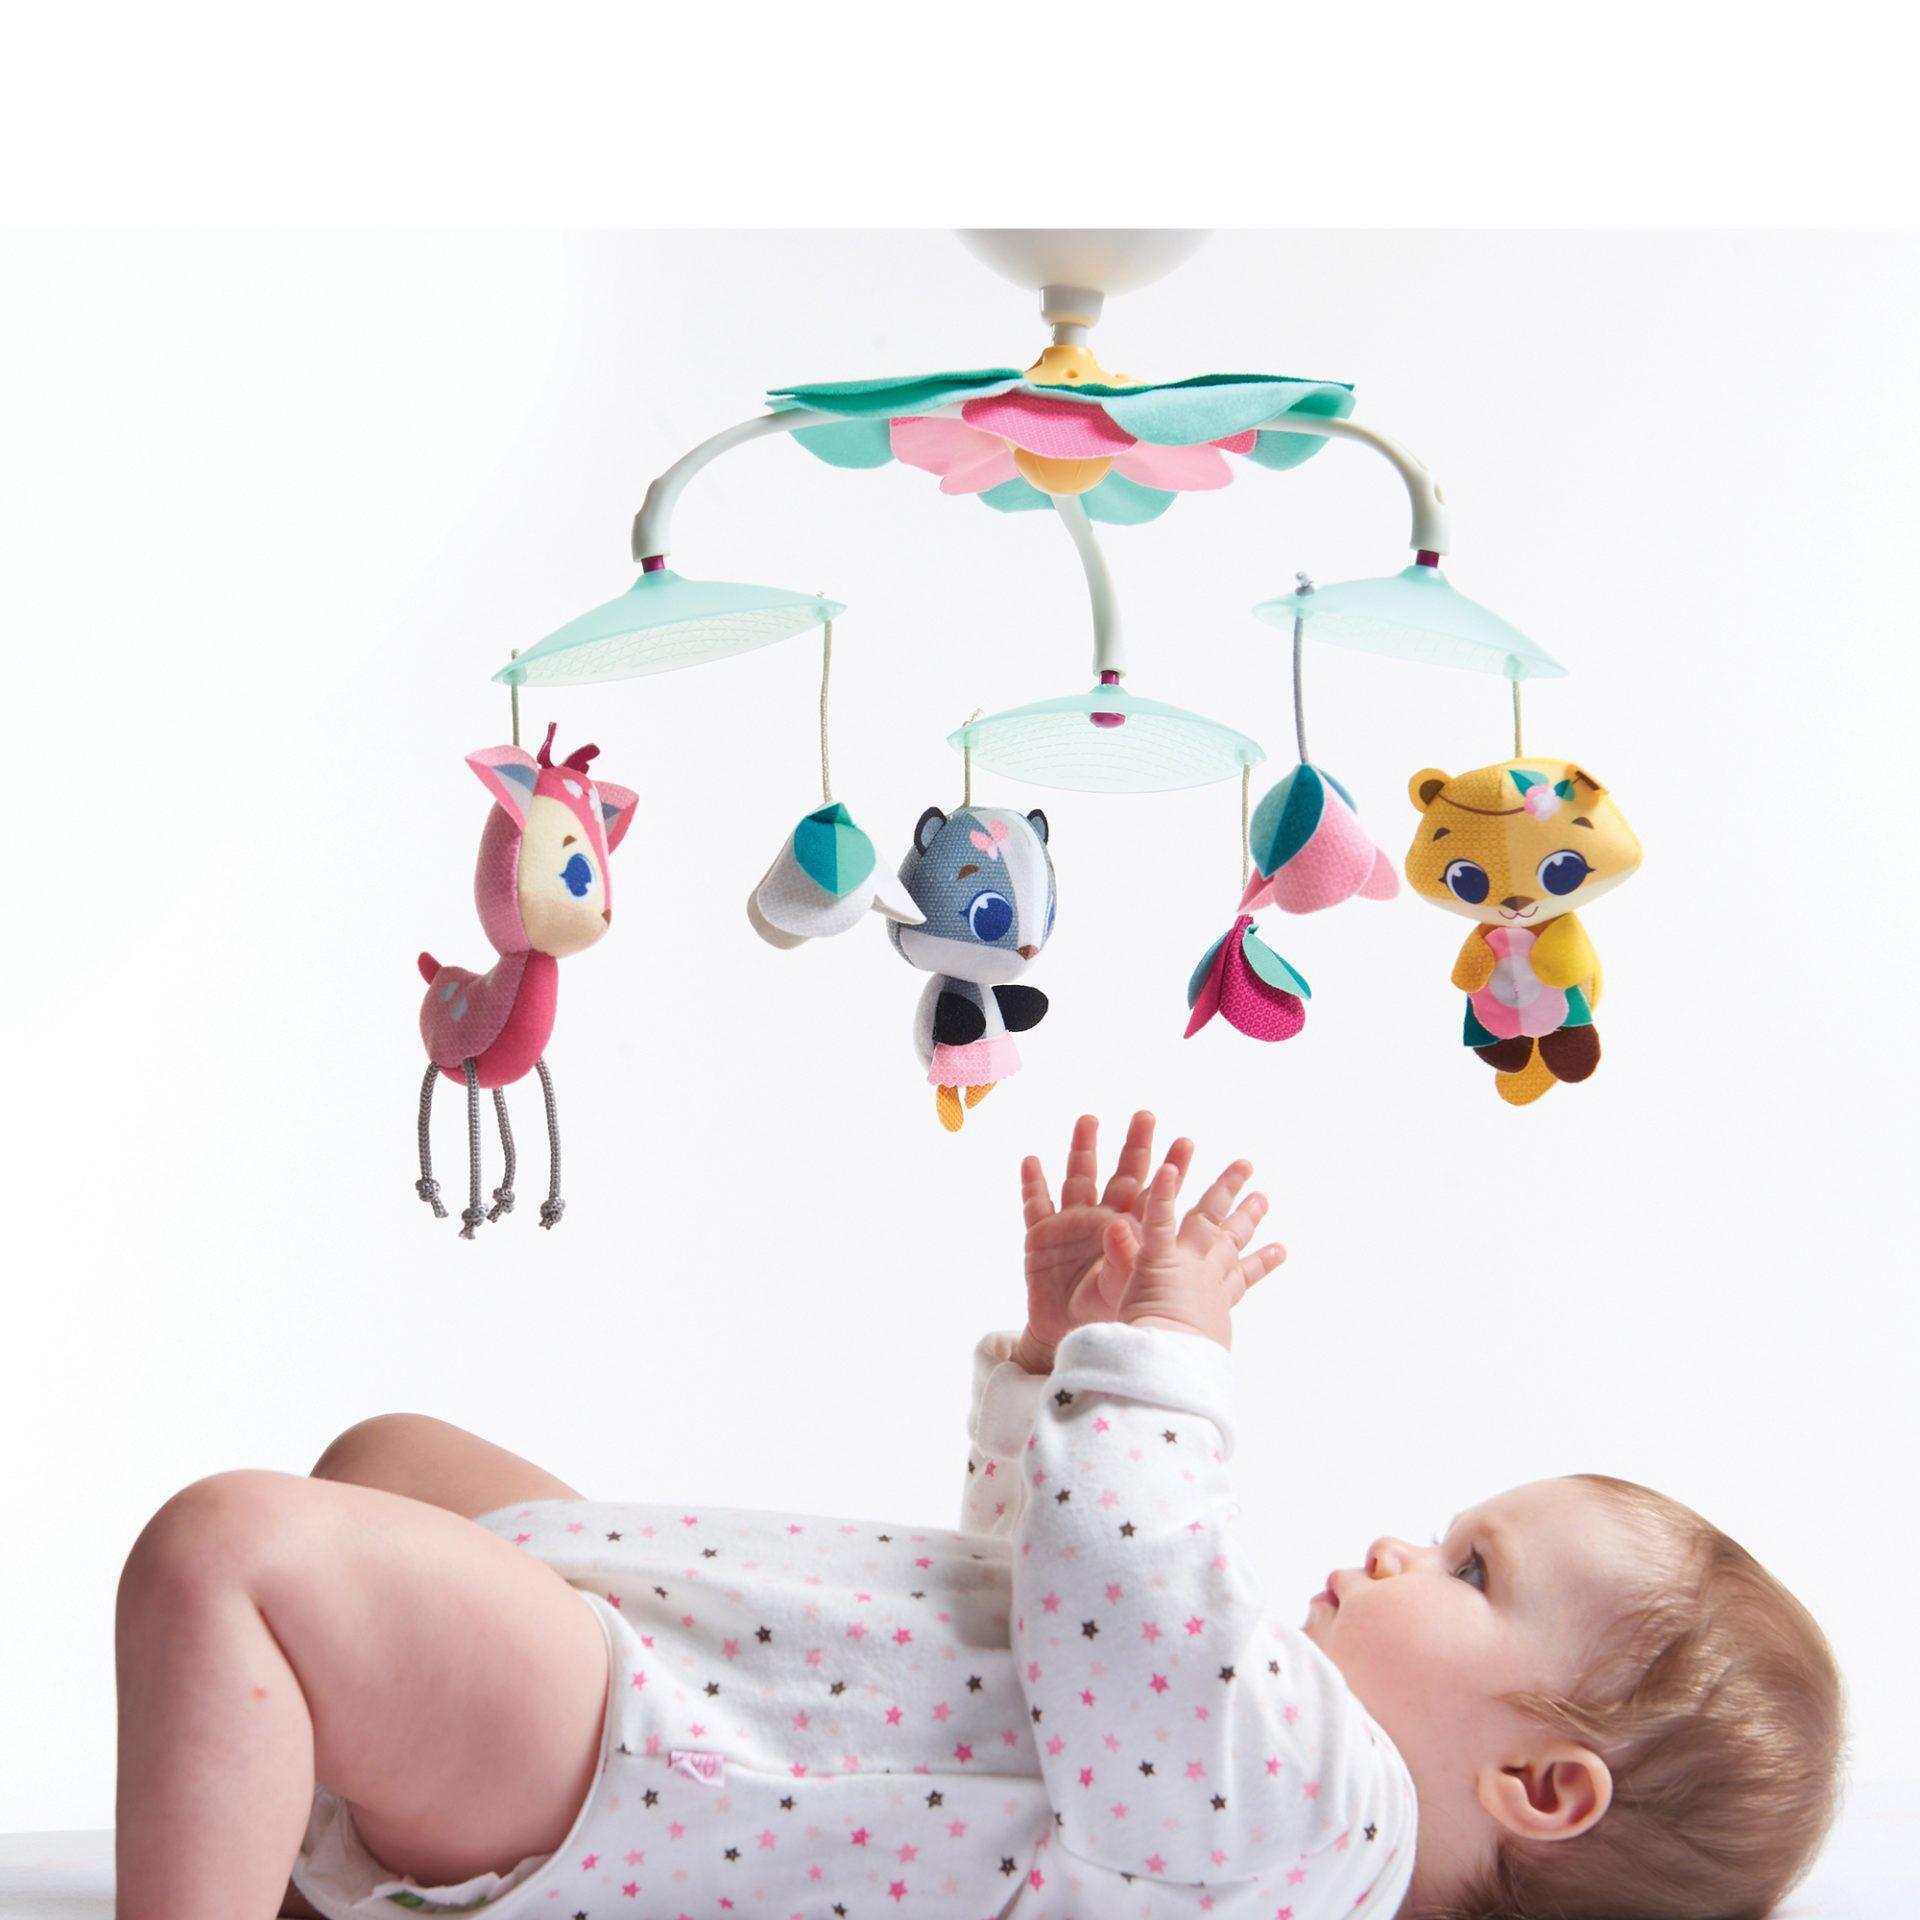 Copii la joaca - Jucarii pentru copii